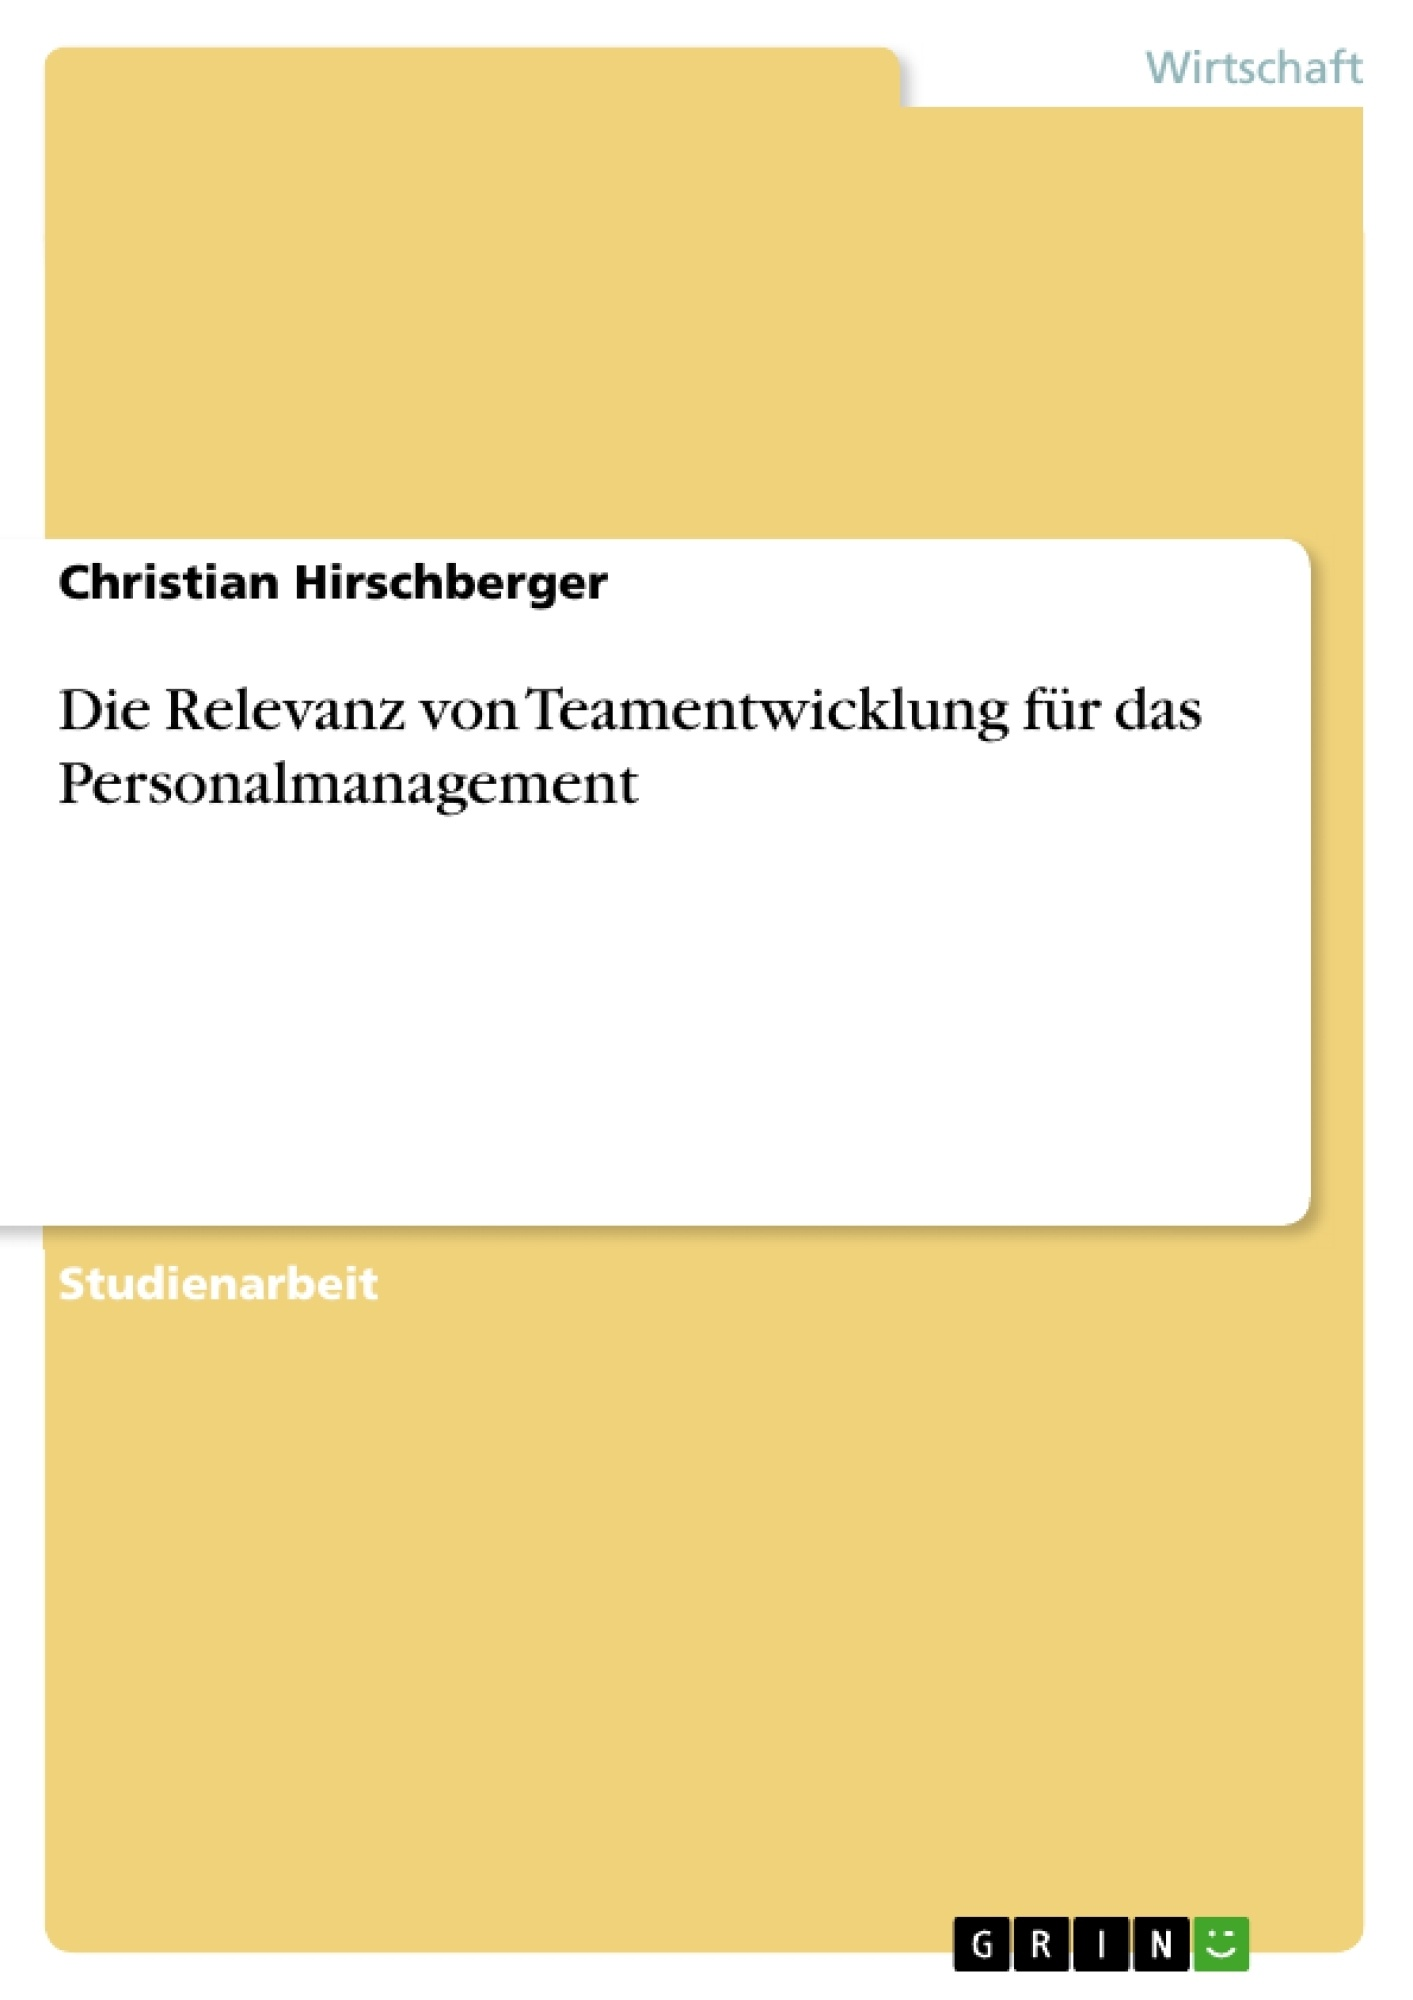 Titel: Die Relevanz von Teamentwicklung für das Personalmanagement